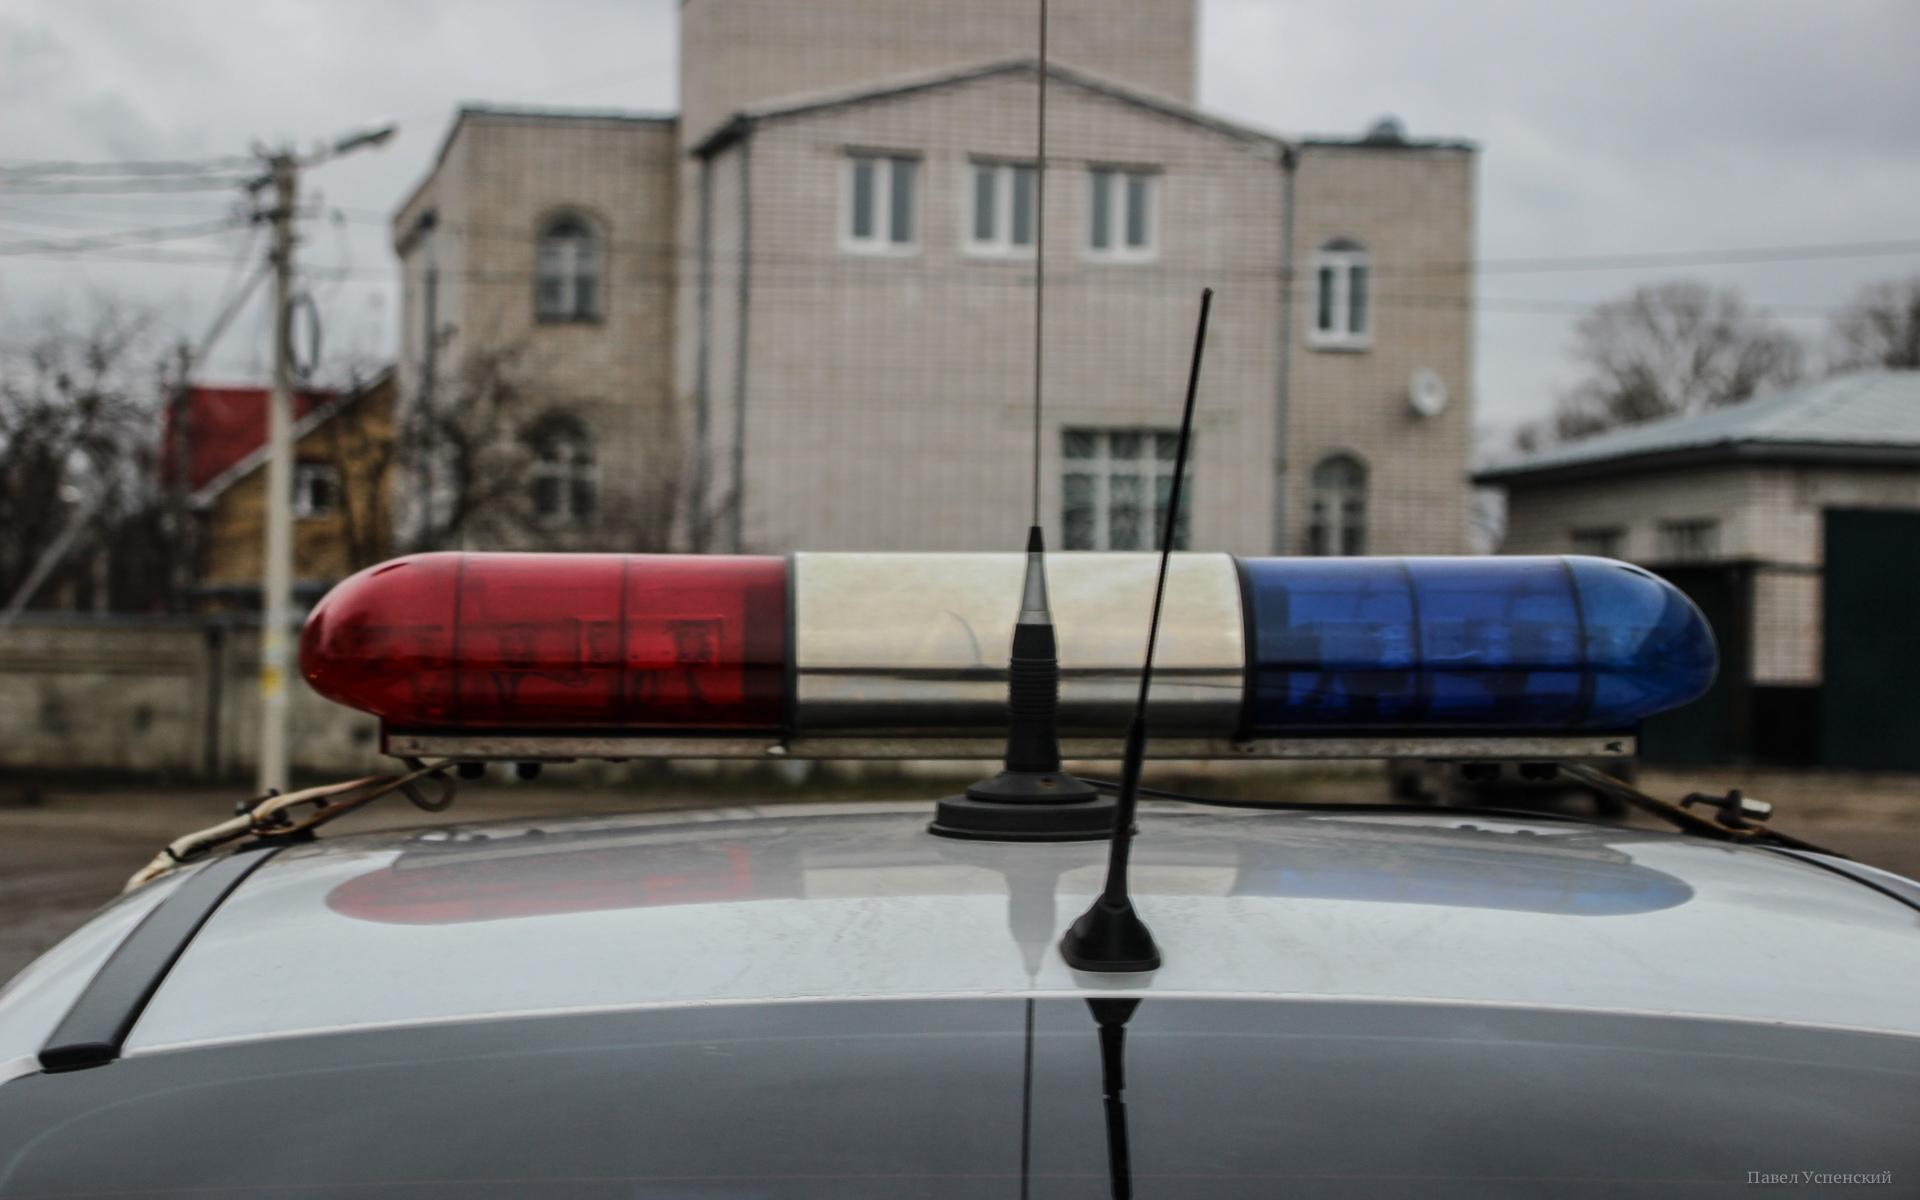 11-летняя девочка пострадала в столкновении двух легковушек в Ржеве - новости Афанасий